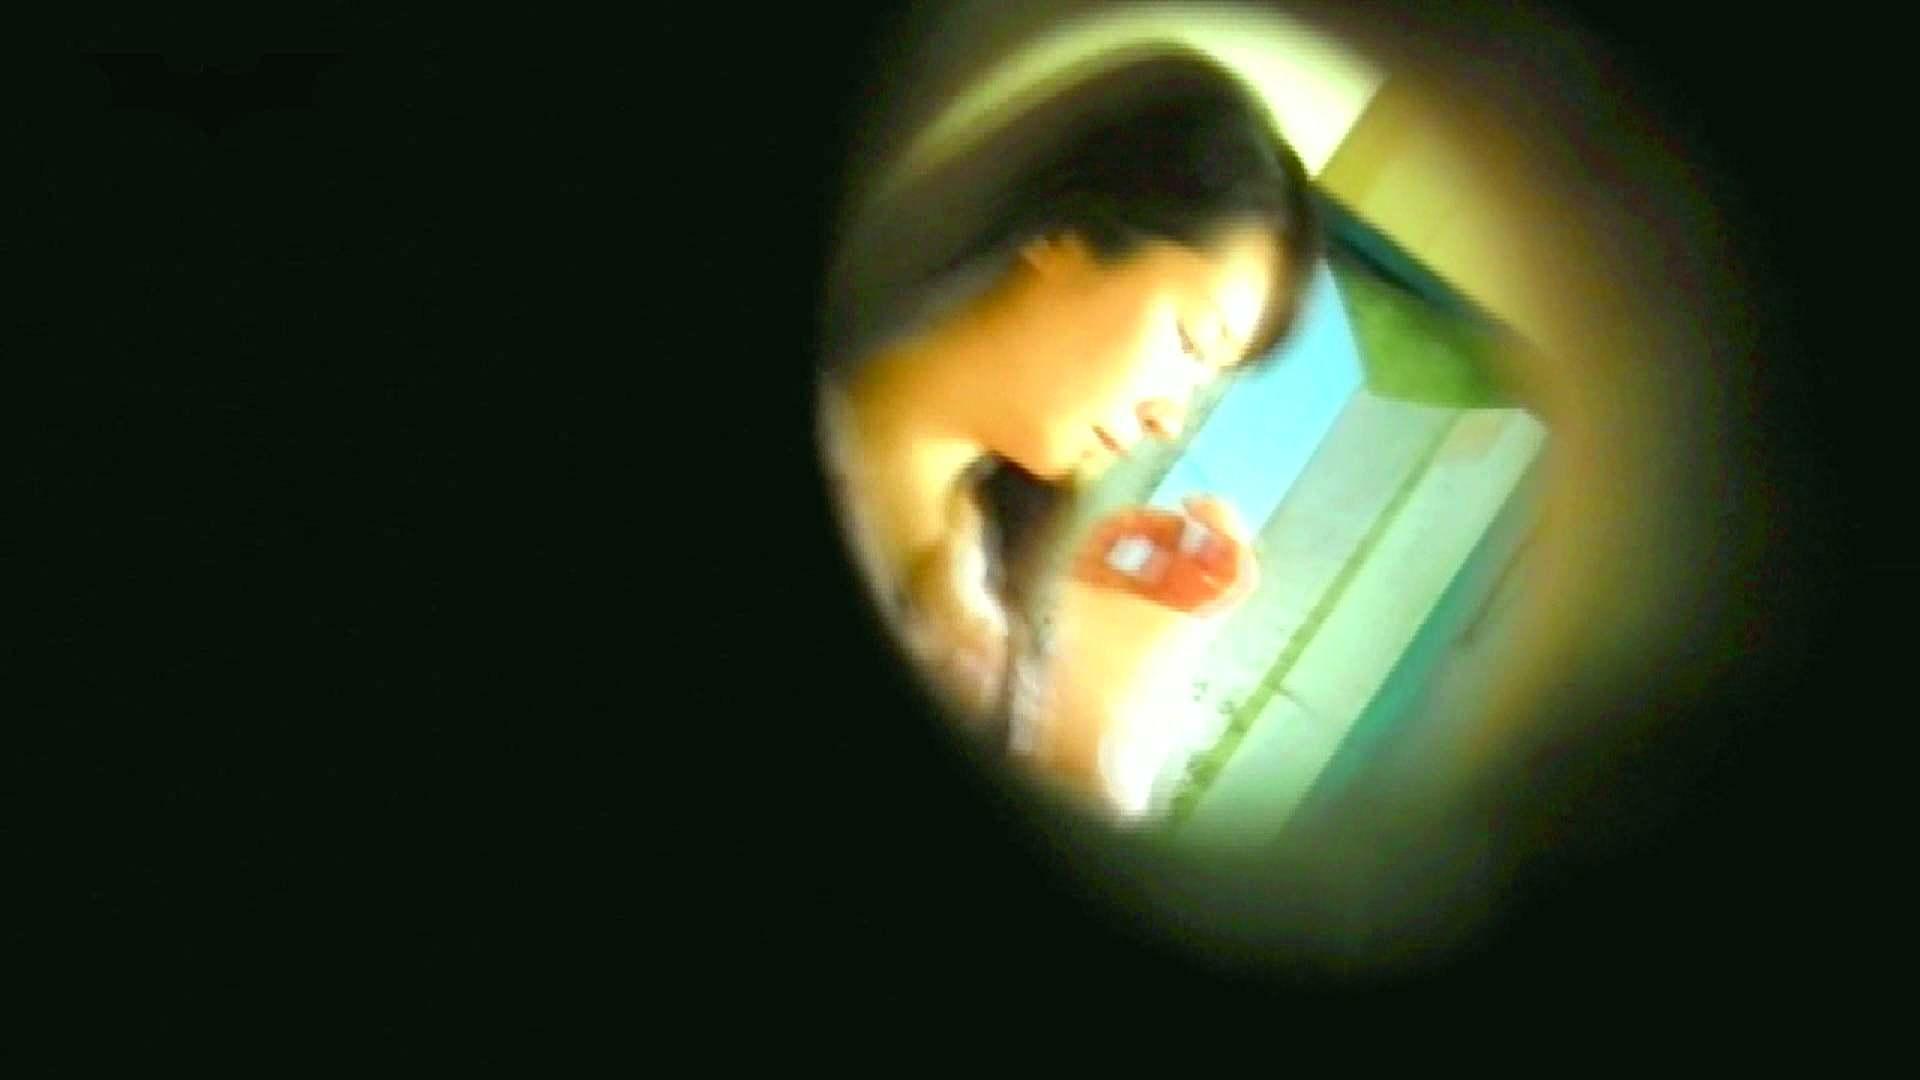 ステーション編 vol.29 頭二つ飛び出る180cm長身モデル 洗面所のぞき オメコ無修正動画無料 111枚 44